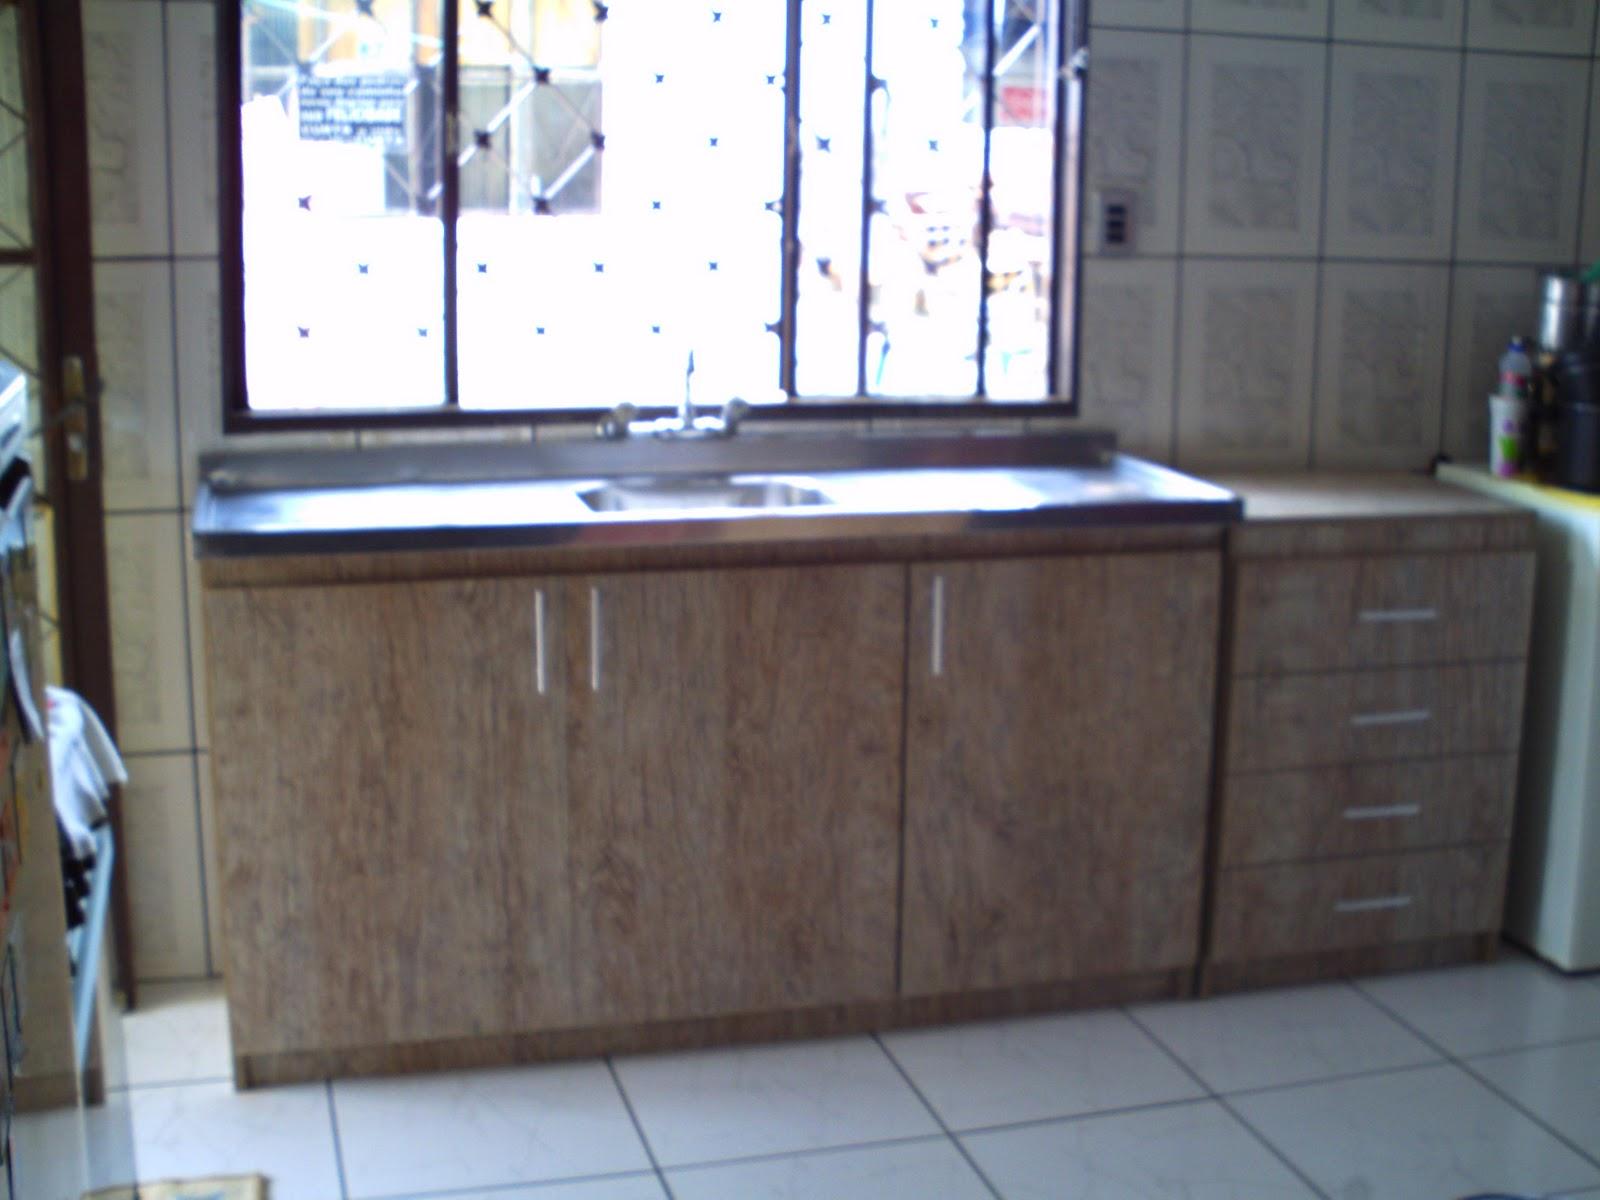 Oficina de Marcenaria: Balcão de cozinha padrâo canion rustico. #3E638D 1600 1200